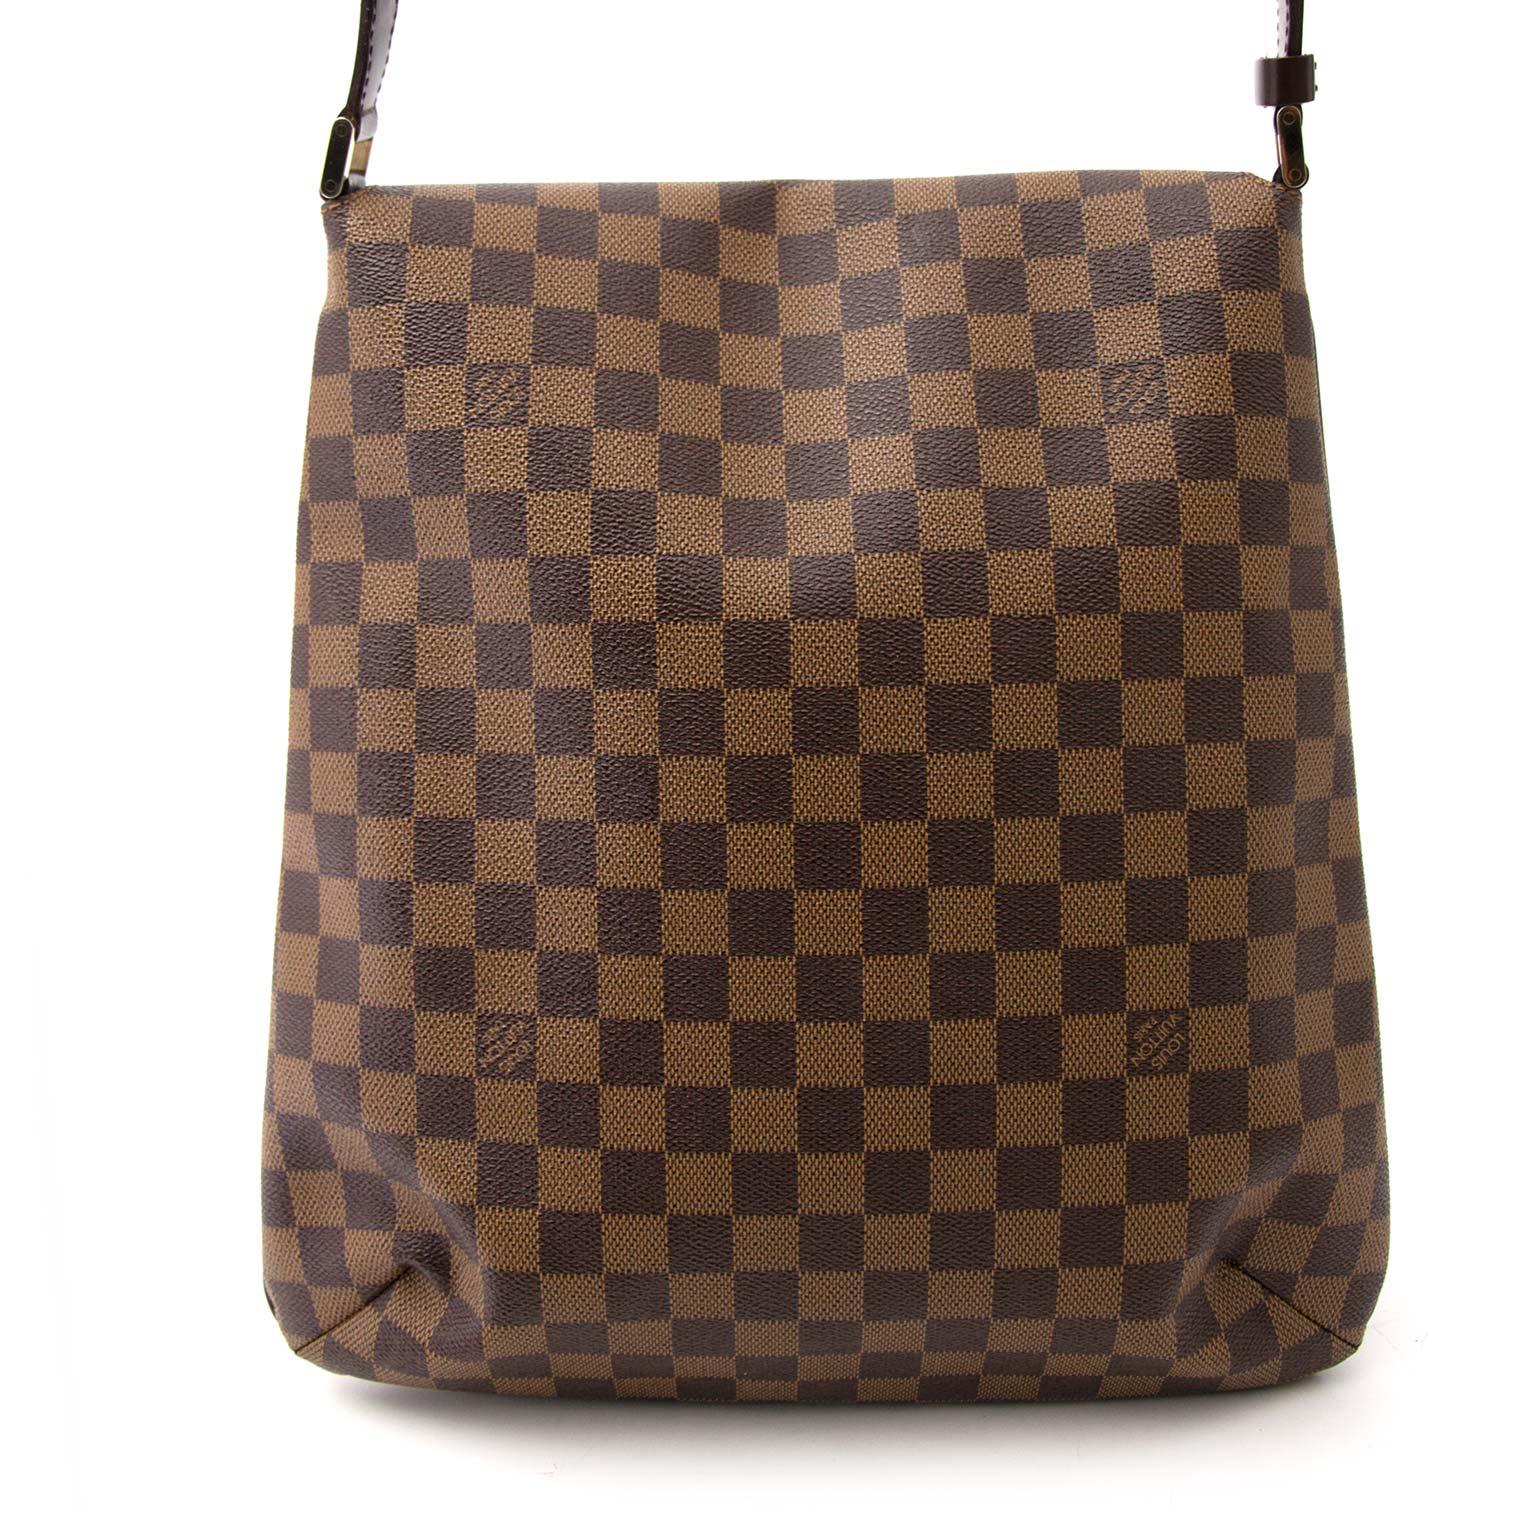 Bent u op zoek naar een authentieke designer handtas zoals Louis Vuitton Musette Salsa Damier Bag?